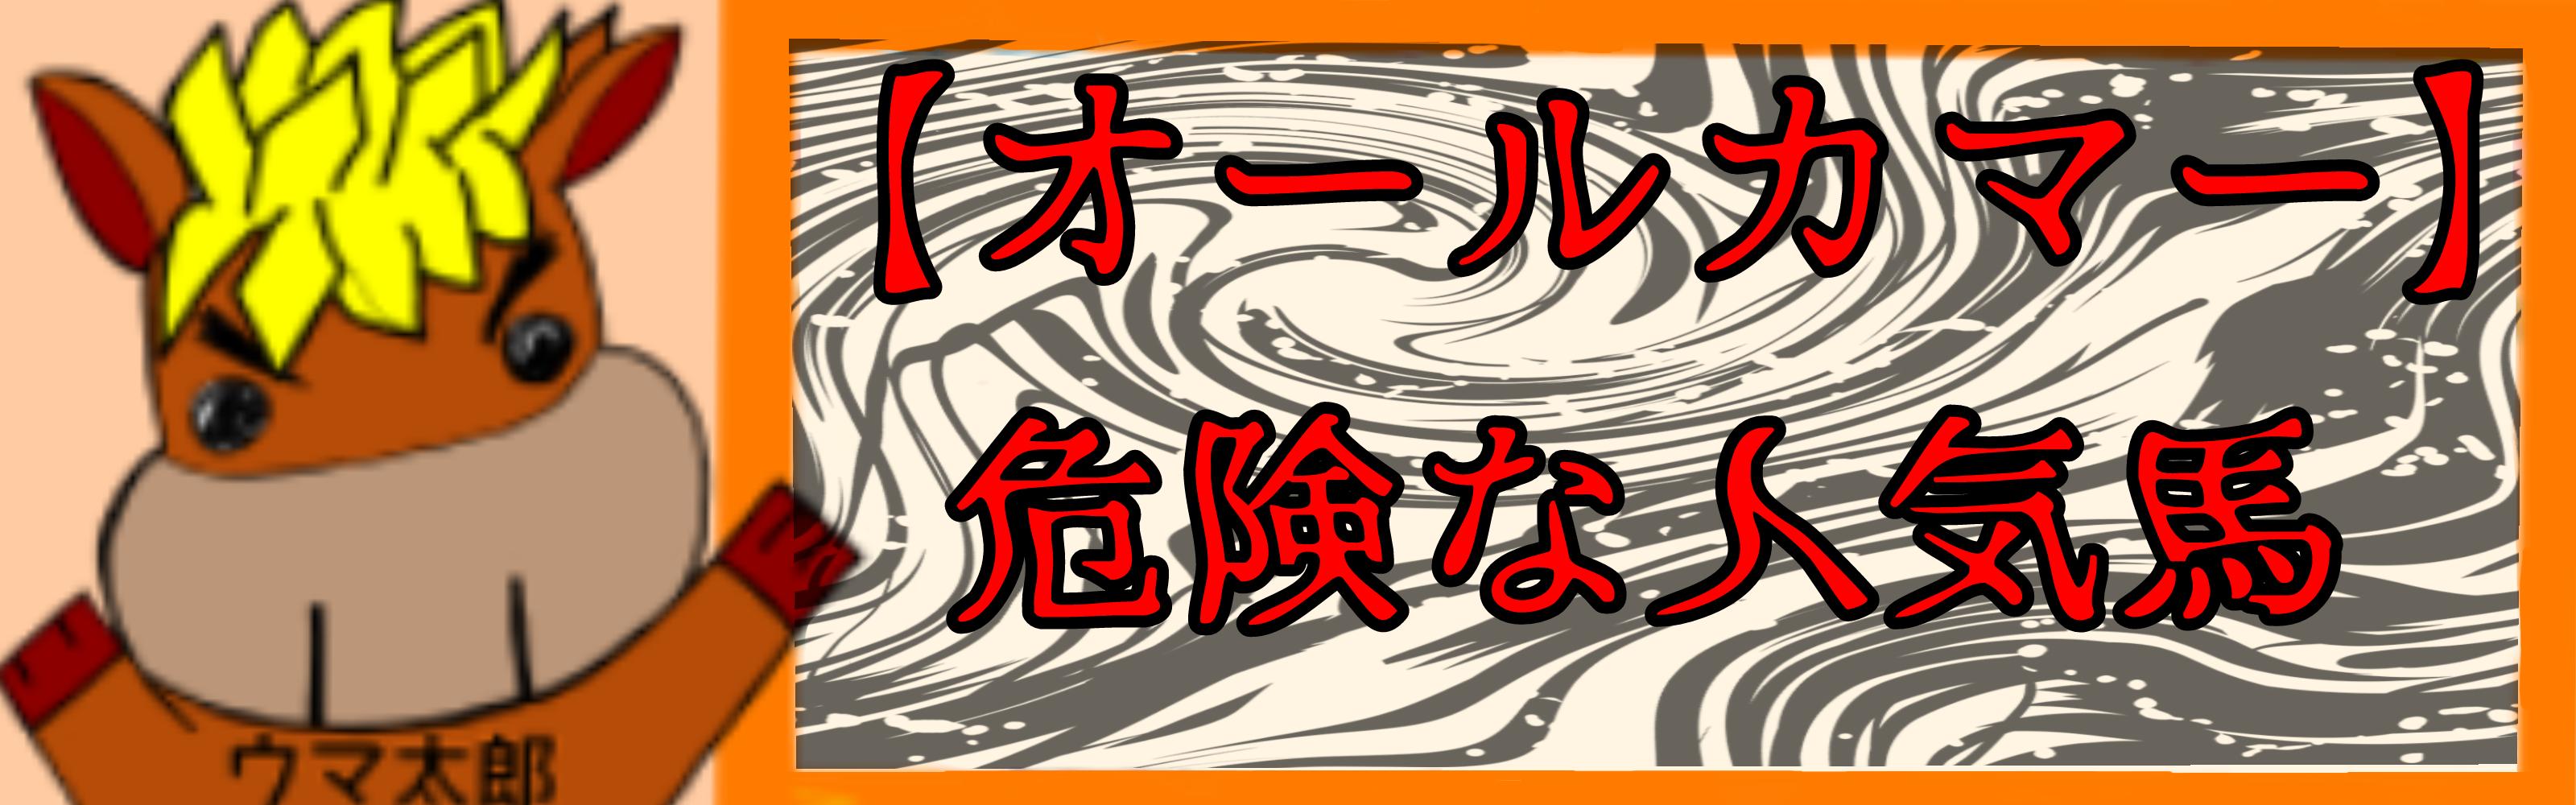 【オールカマー】危険な人気馬